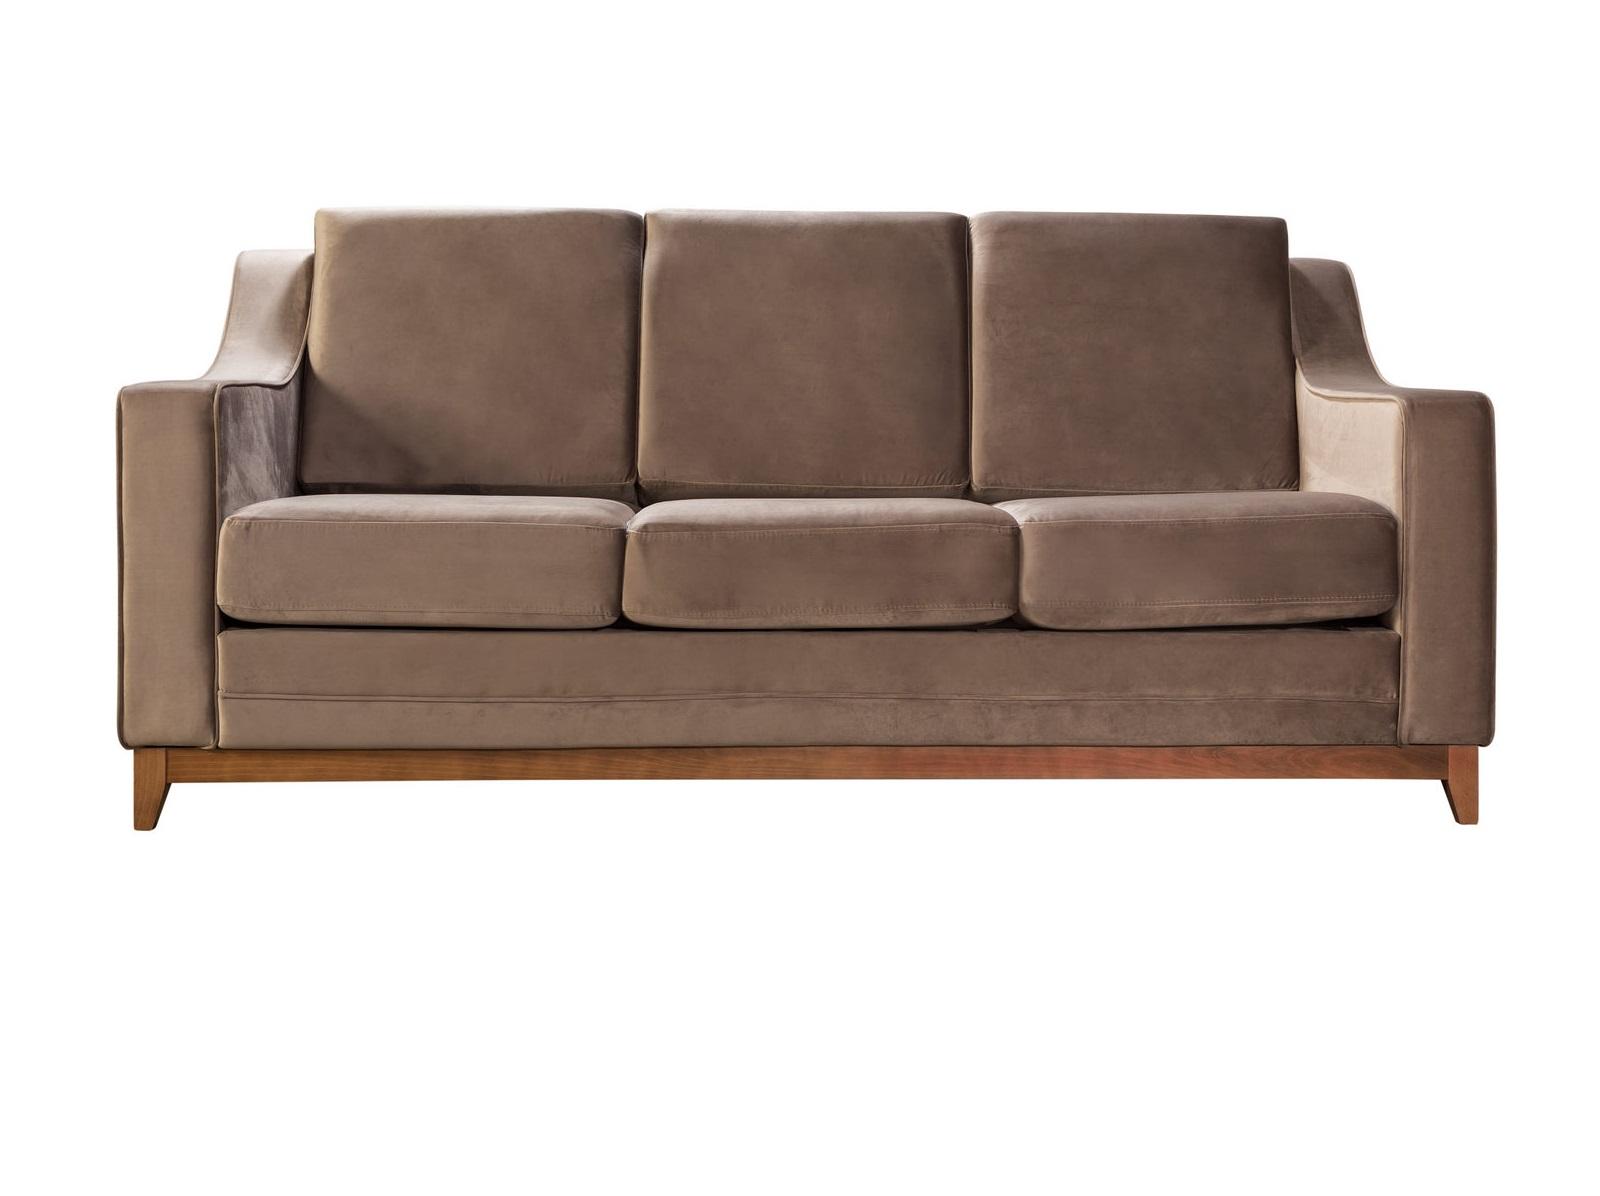 R-home диван раскладной модерн лайт серебрянный дождь коричневый 131405/131411